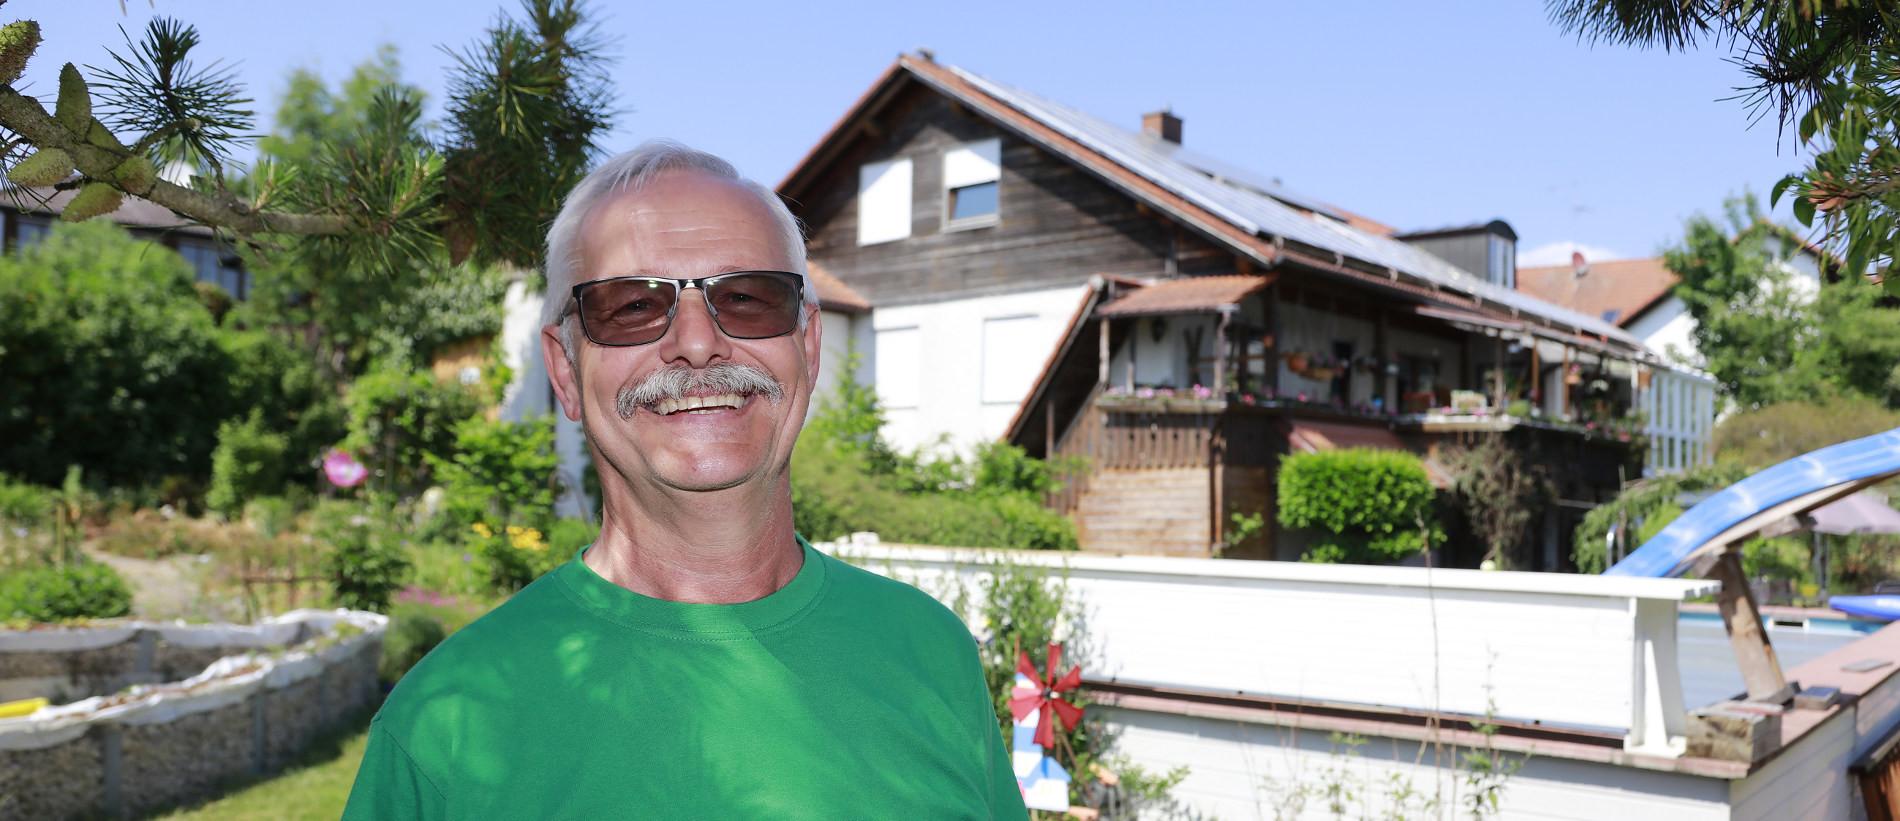 Herr Lacher vor seinem Haus mit PV Anlage & Stromspeicher